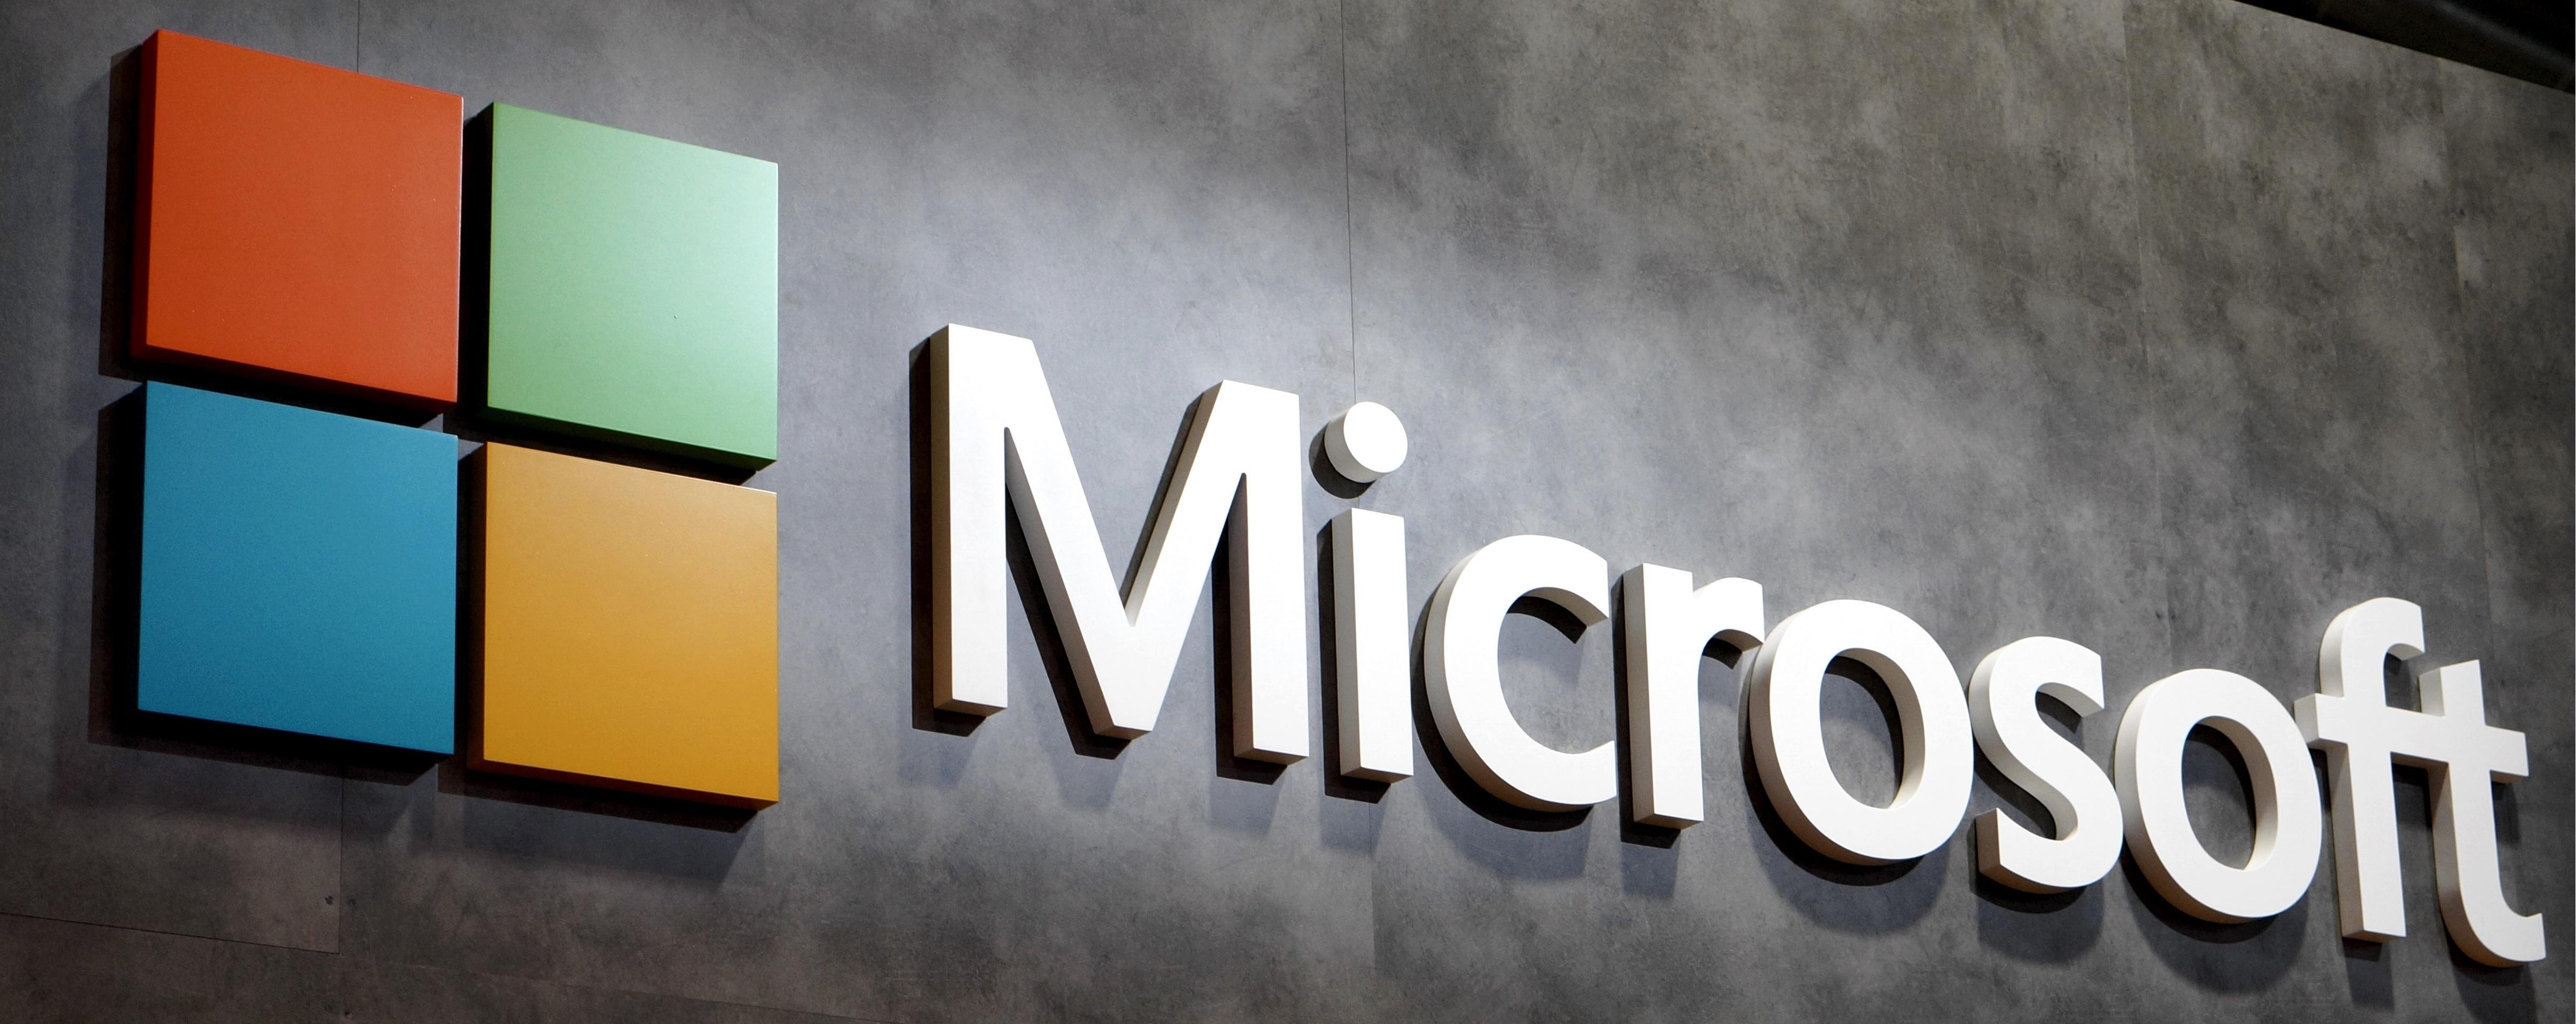 Microsoft Azure et Office 365